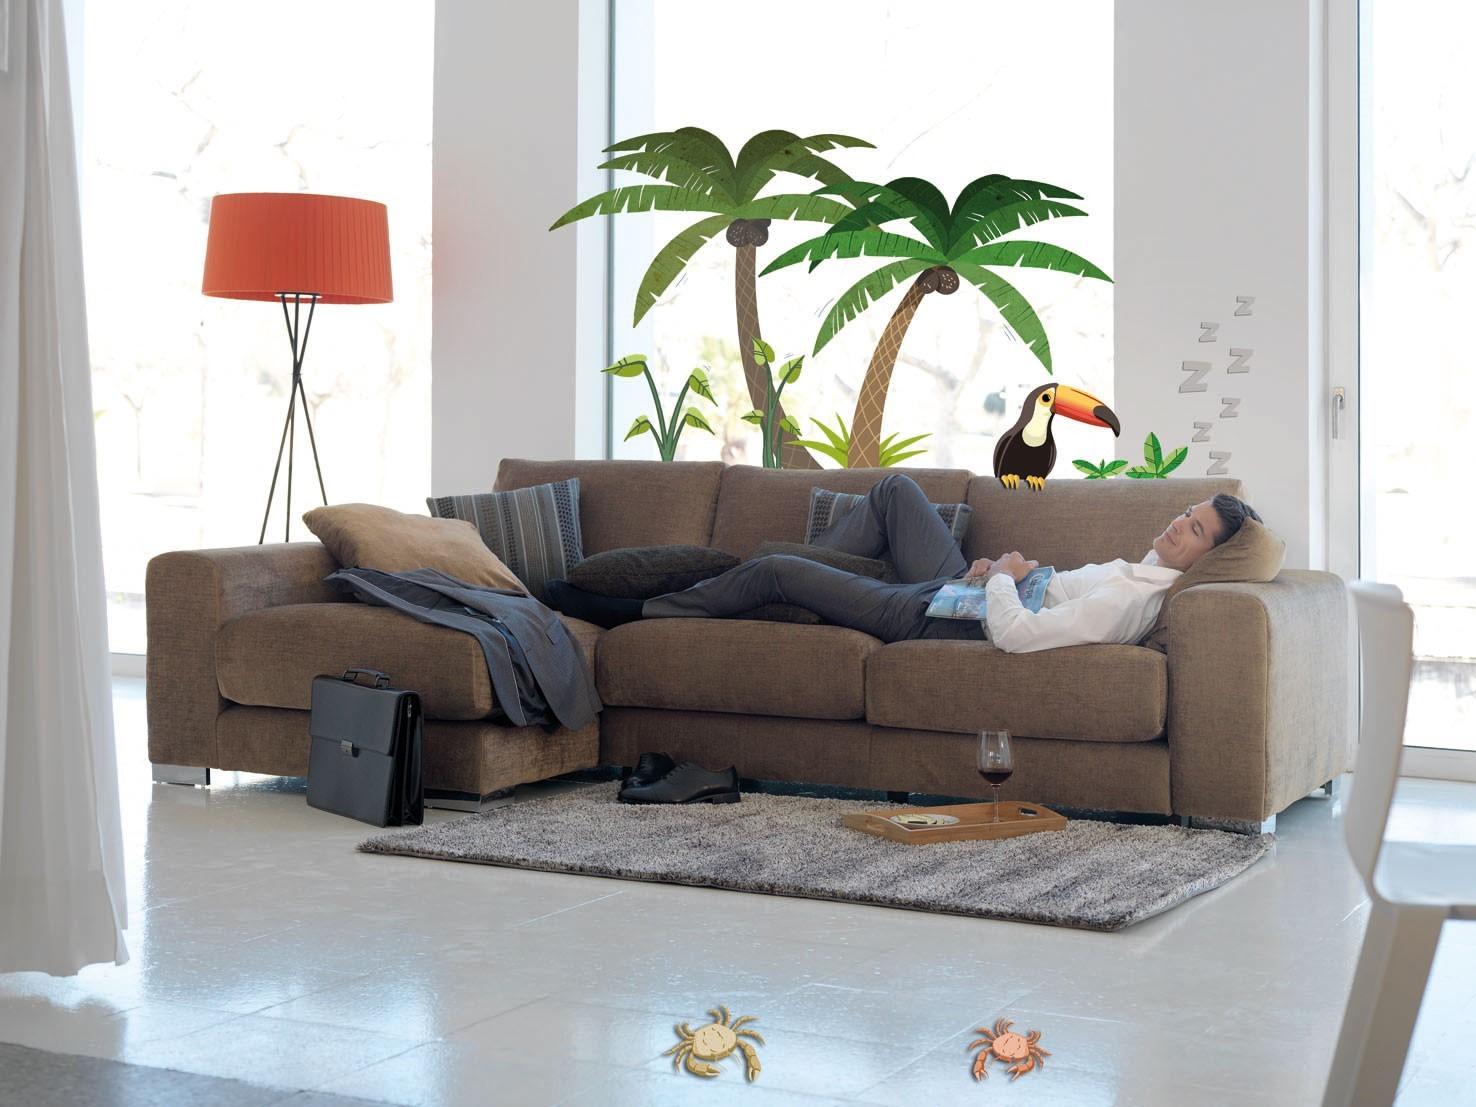 Decorazione blog divani blog - Posizioni sul divano ...